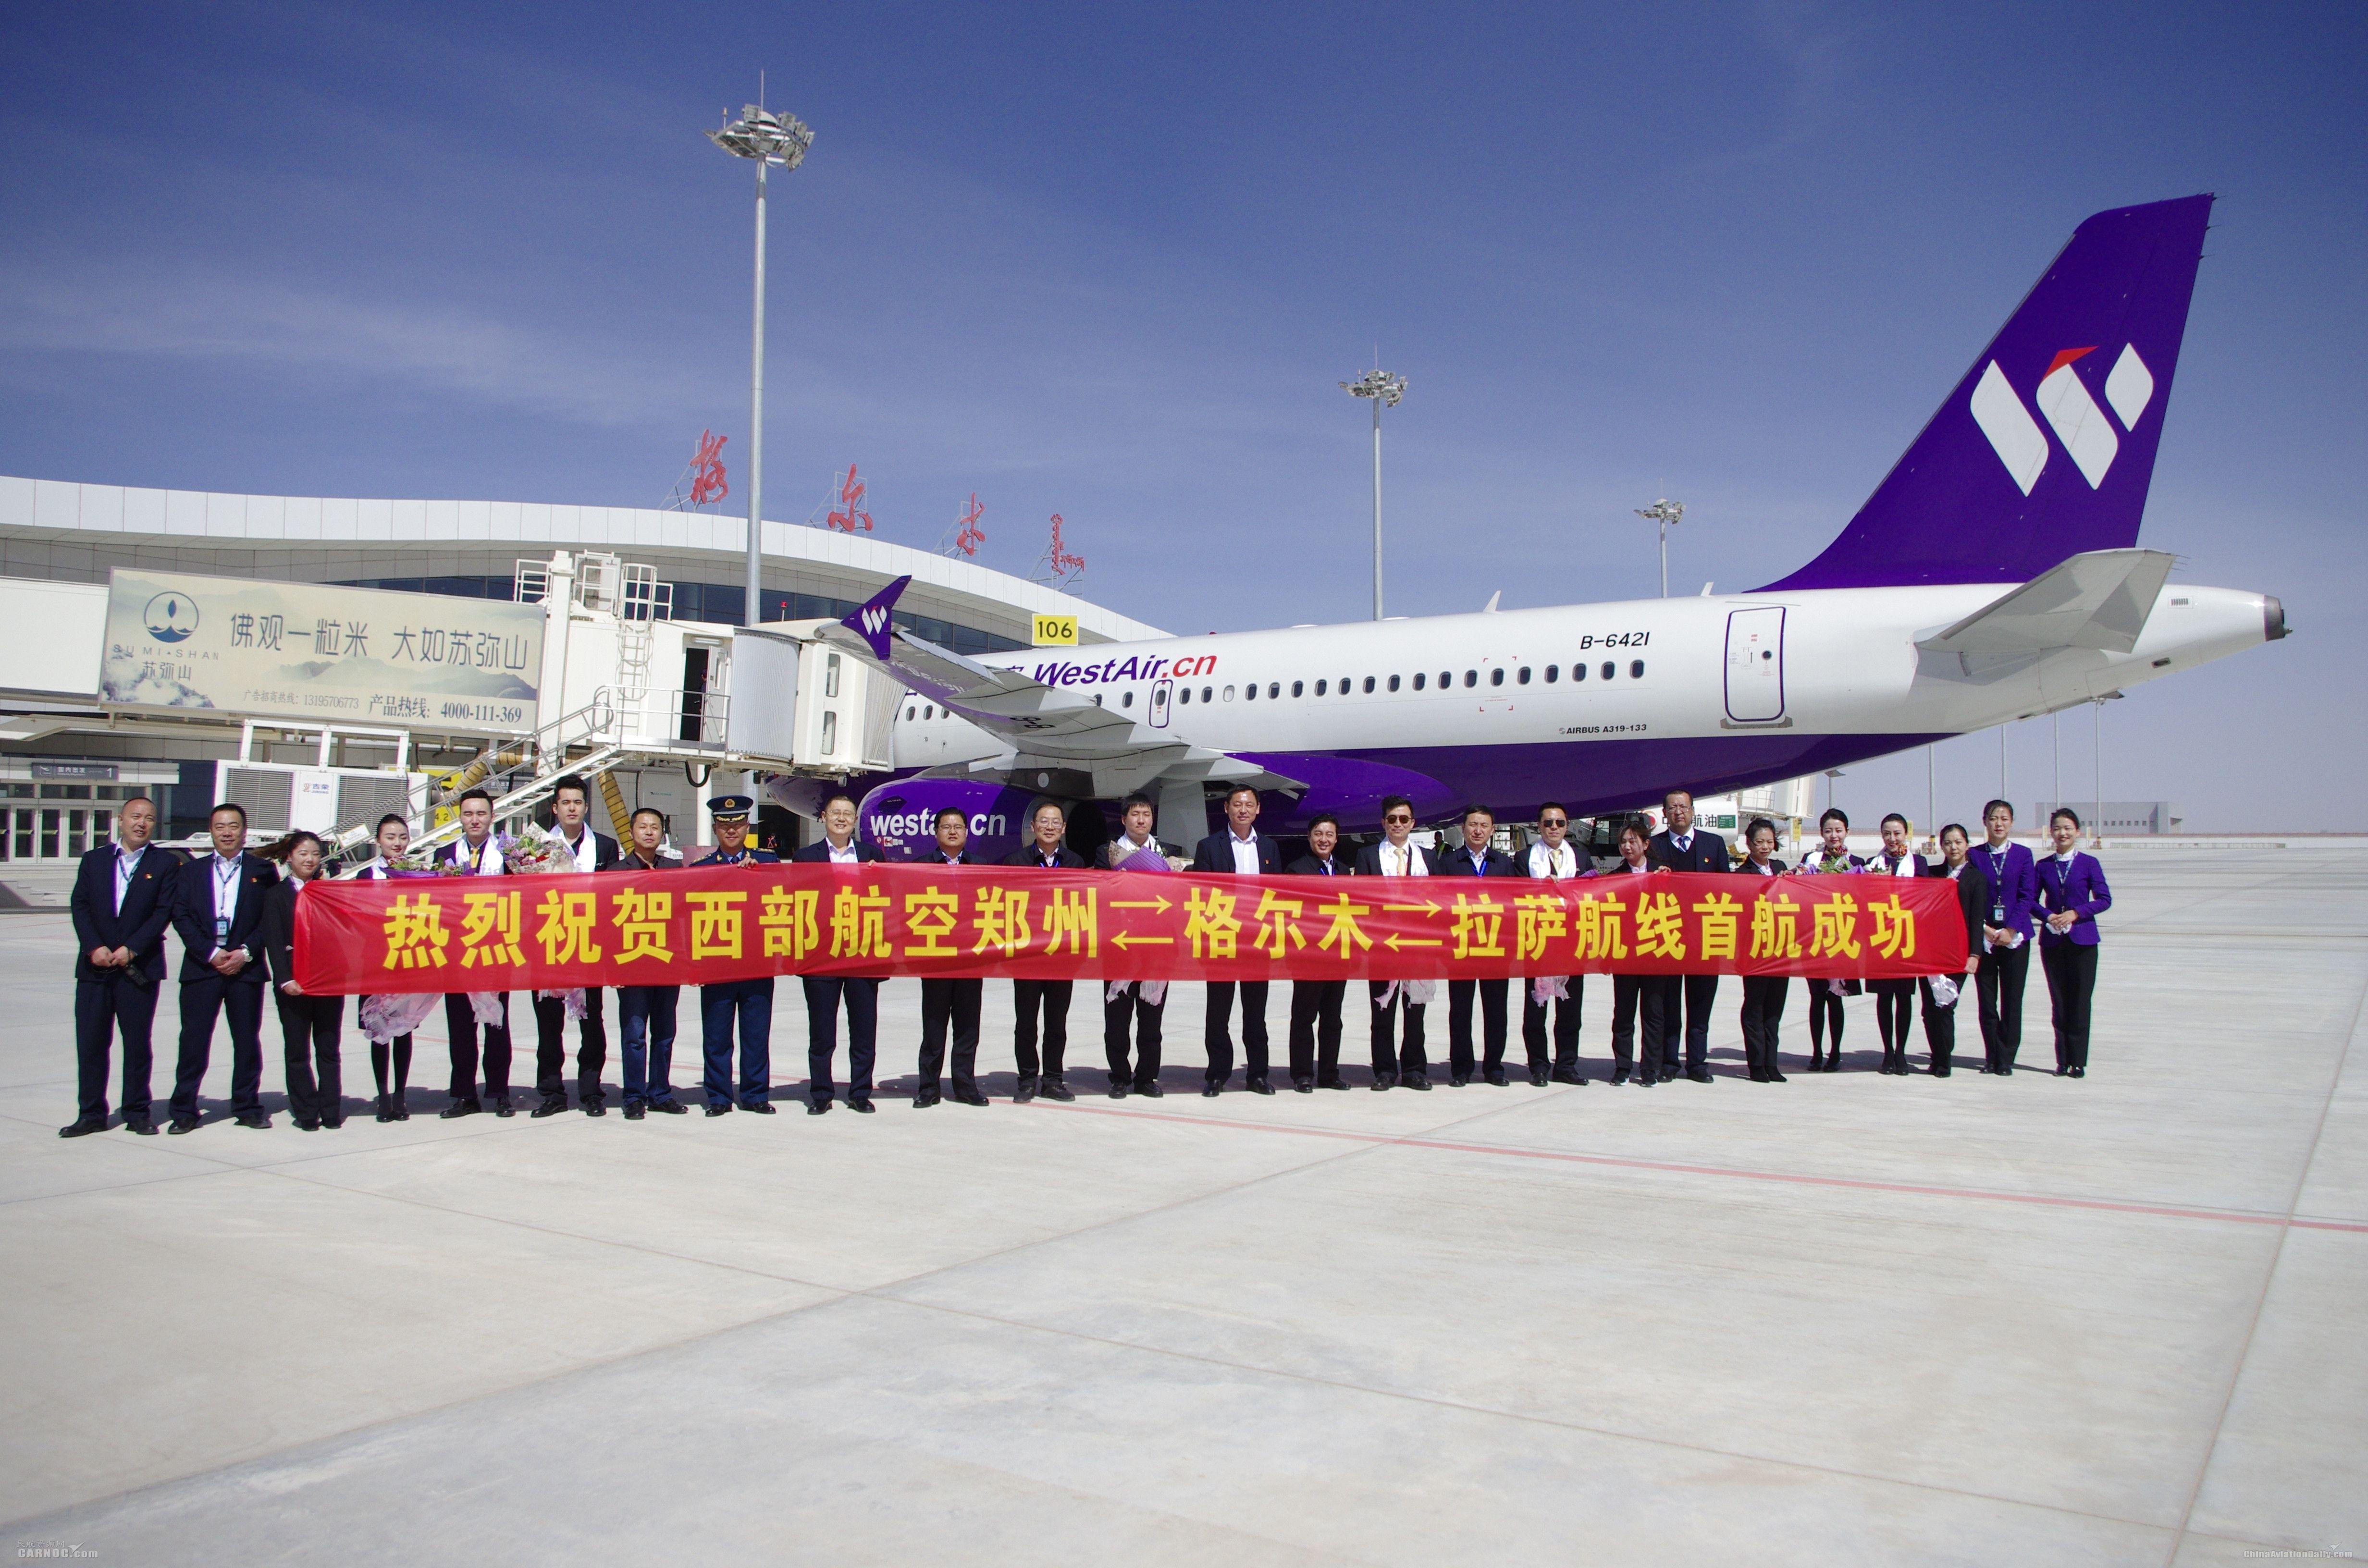 西部航空郑州 格尔木 拉萨航线首航成功